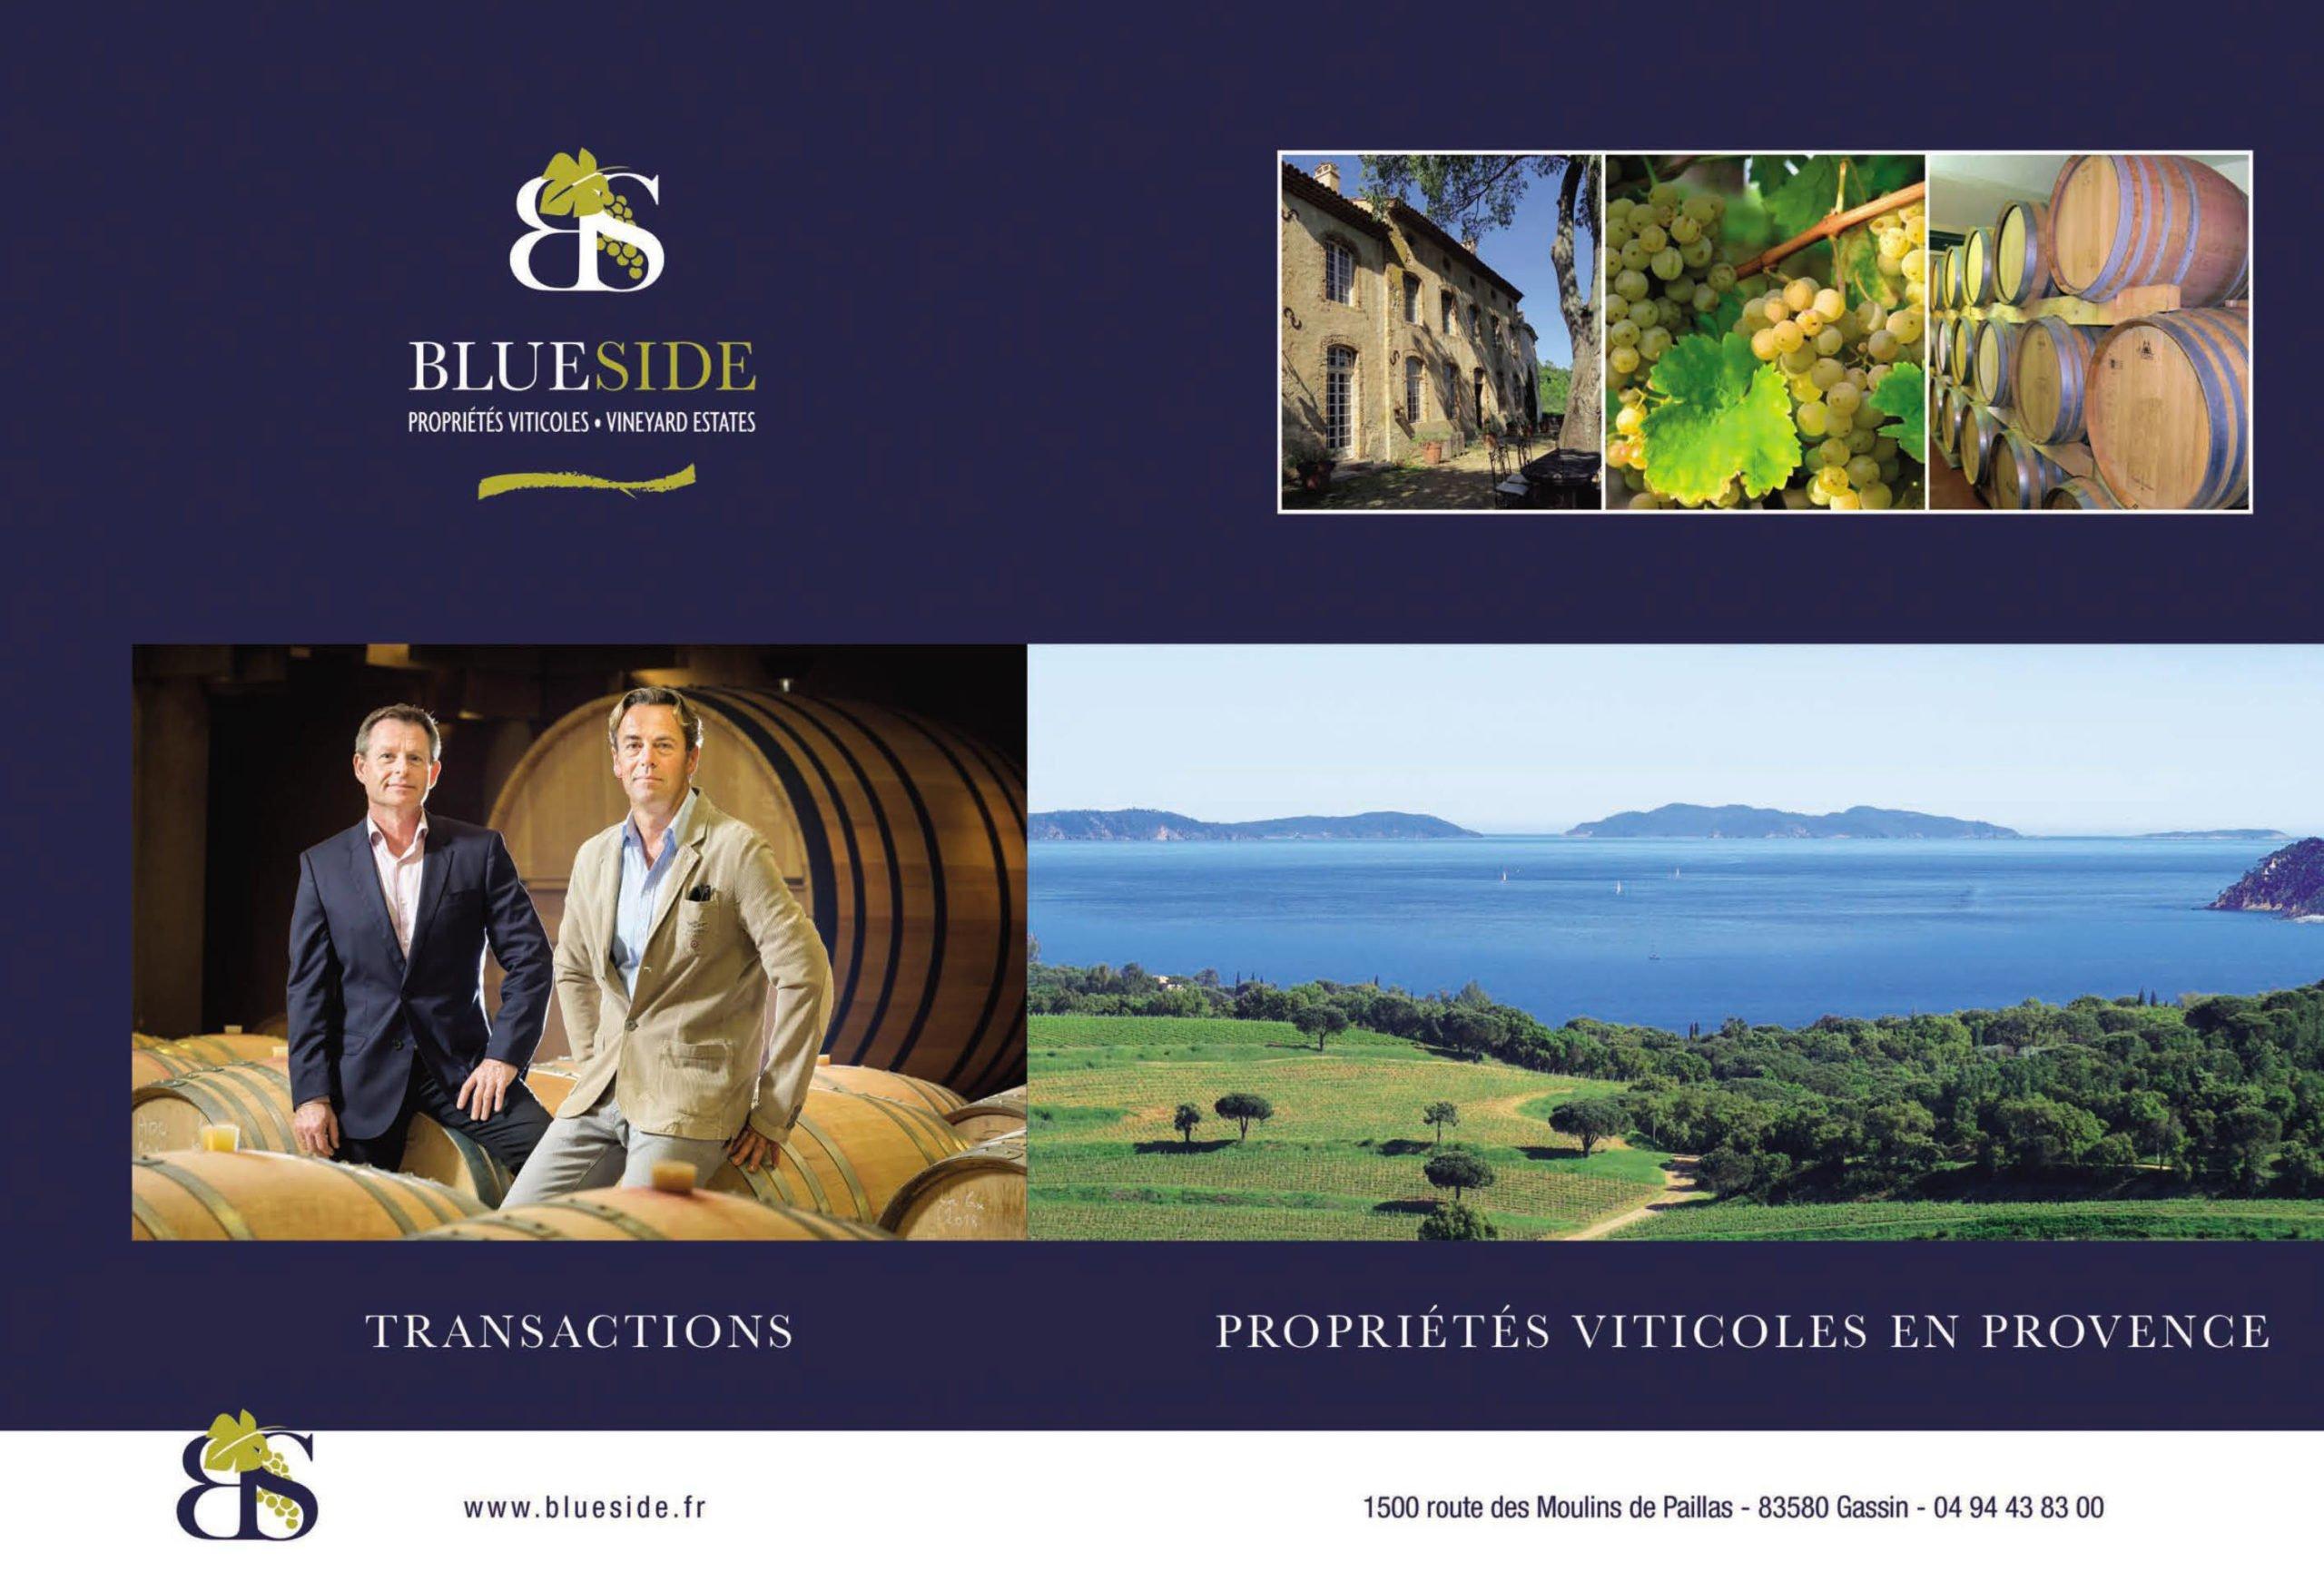 Blue Side, partenaire de référence des transactions viticoles en Provence